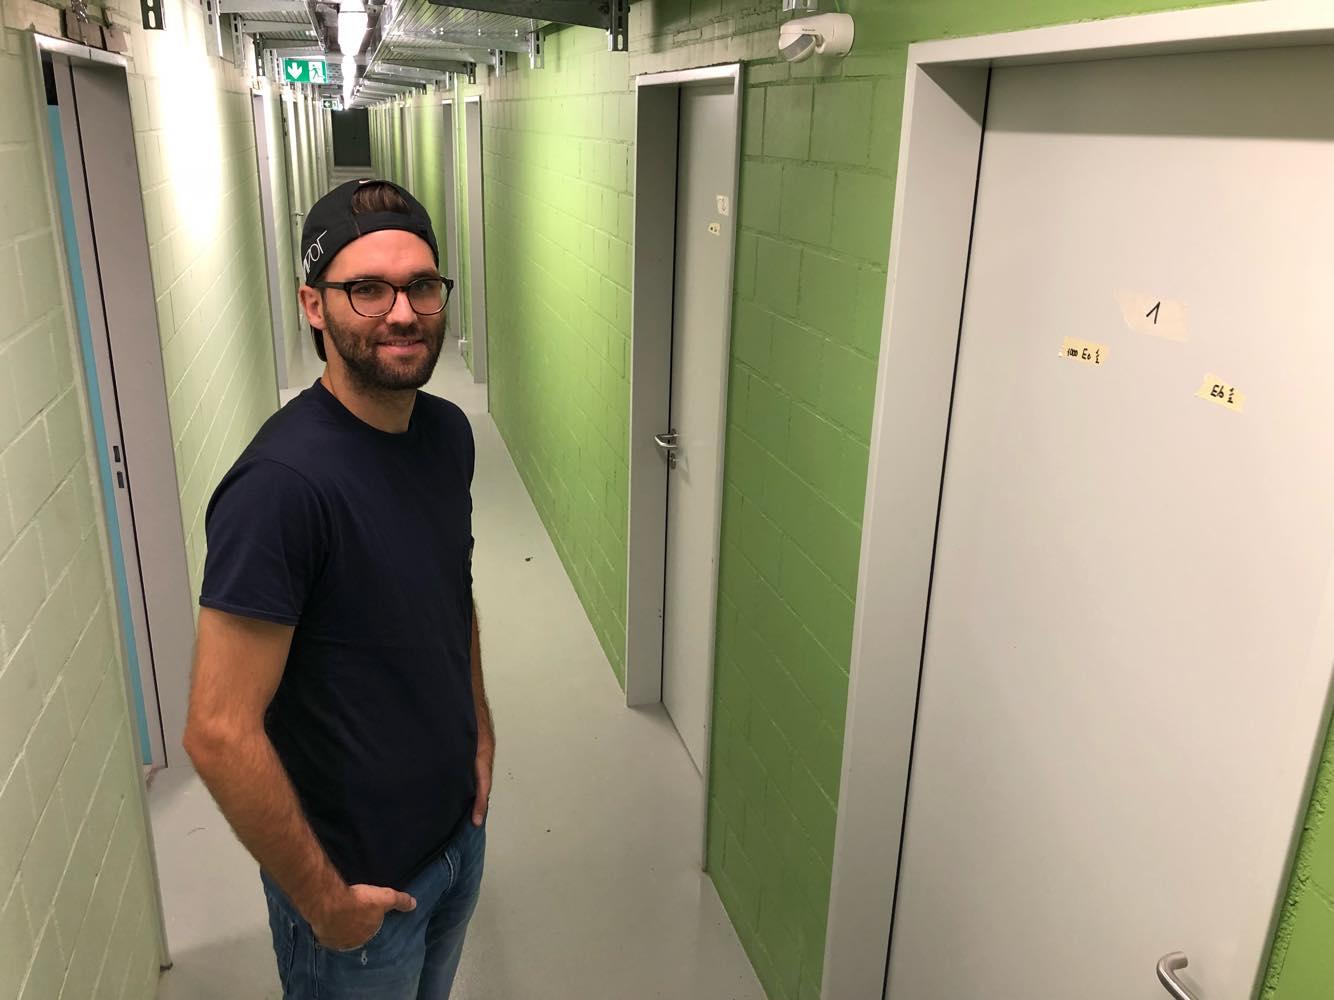 Daniel Fanger zeigt sein neues Zuhause.